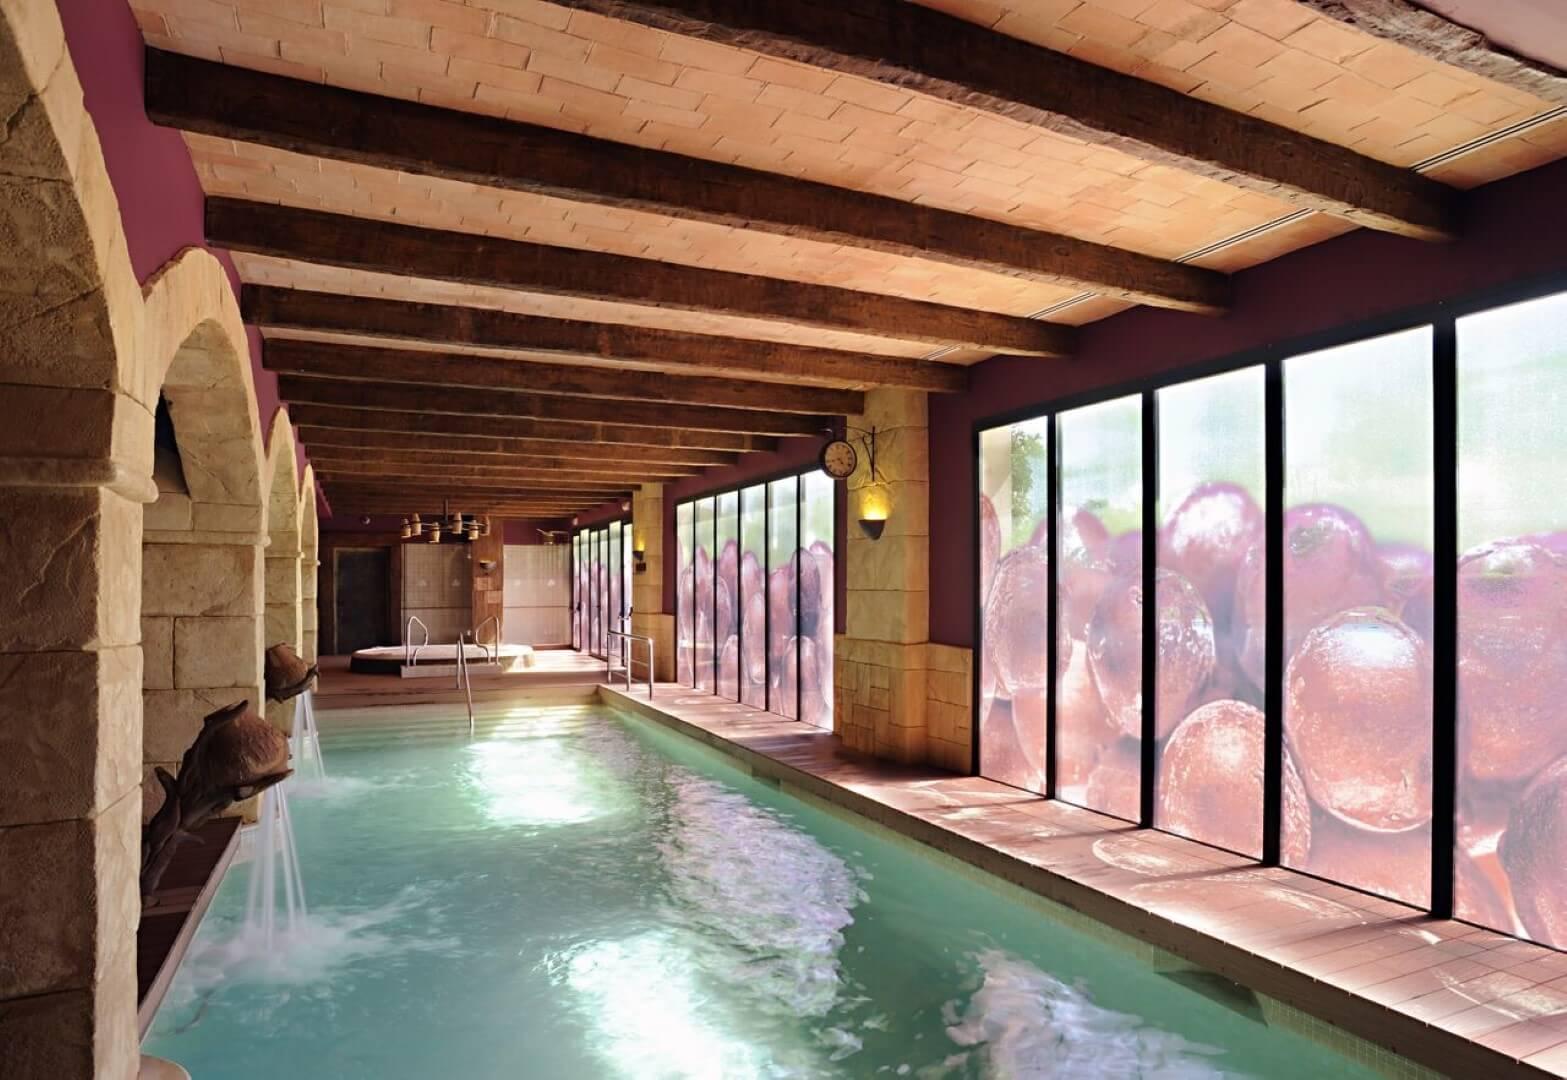 Hotel Peralada. Turismo enológico en la España del vino